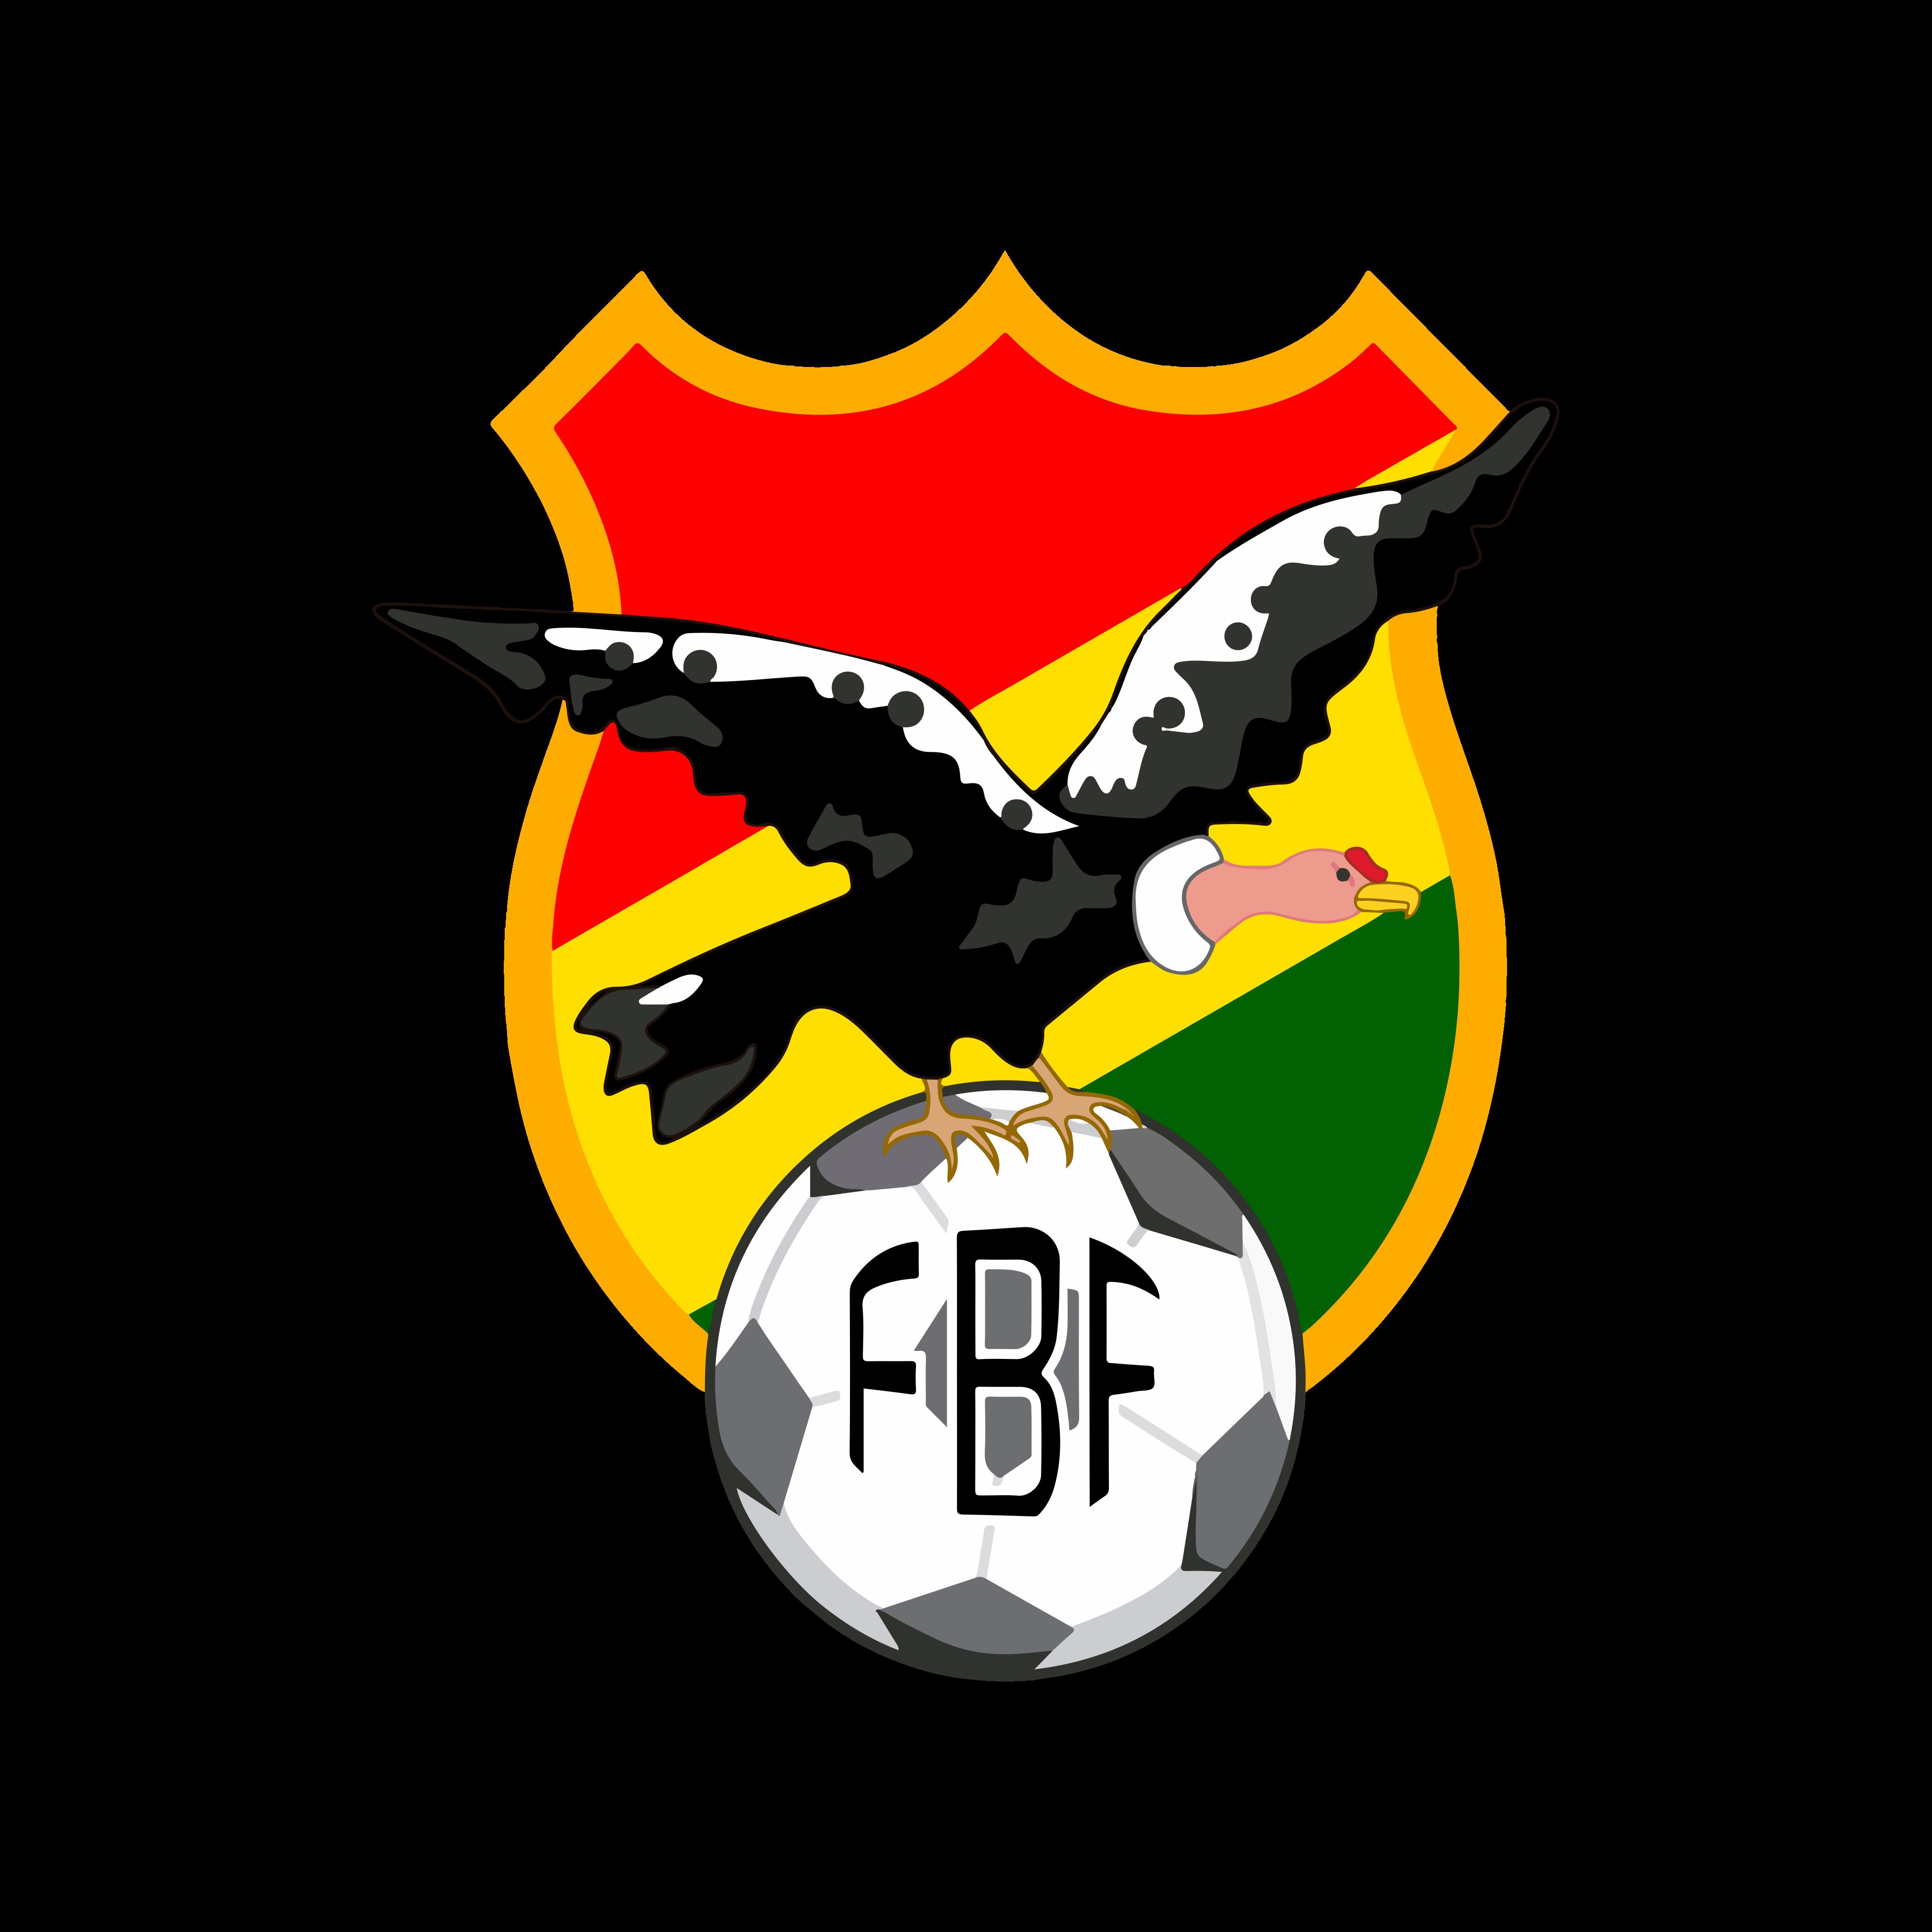 fbf selección de futbol de bolivia logo 0 - FBF Logo - Bolivia National Football Team Logo